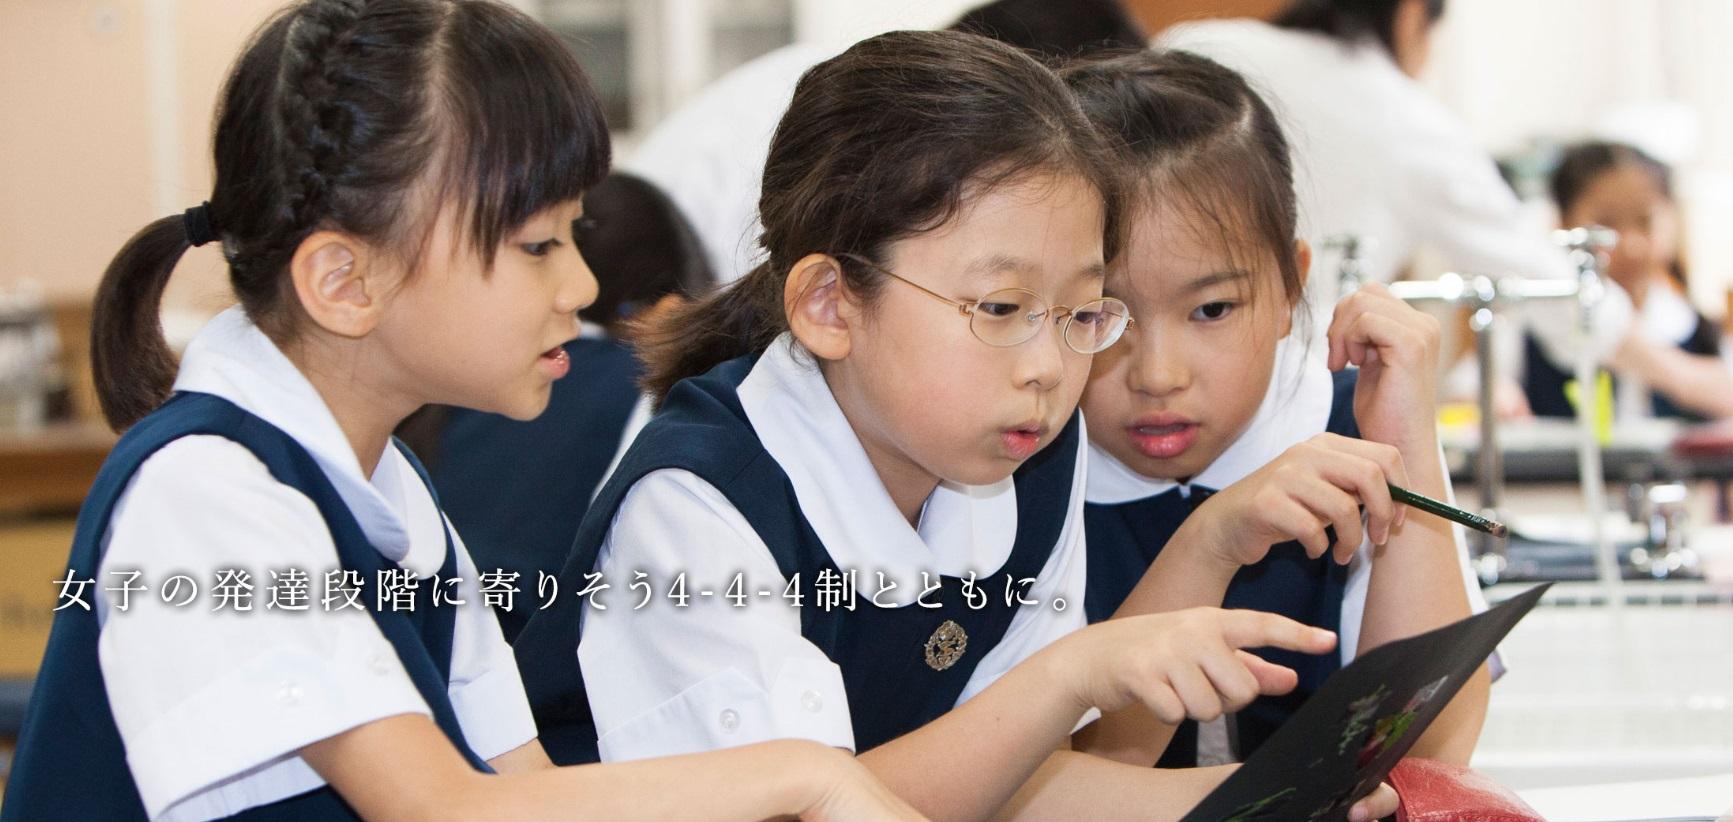 聖心女子学院初等科〈学校情報〉】教育理念や特色、学費や制服などを ...